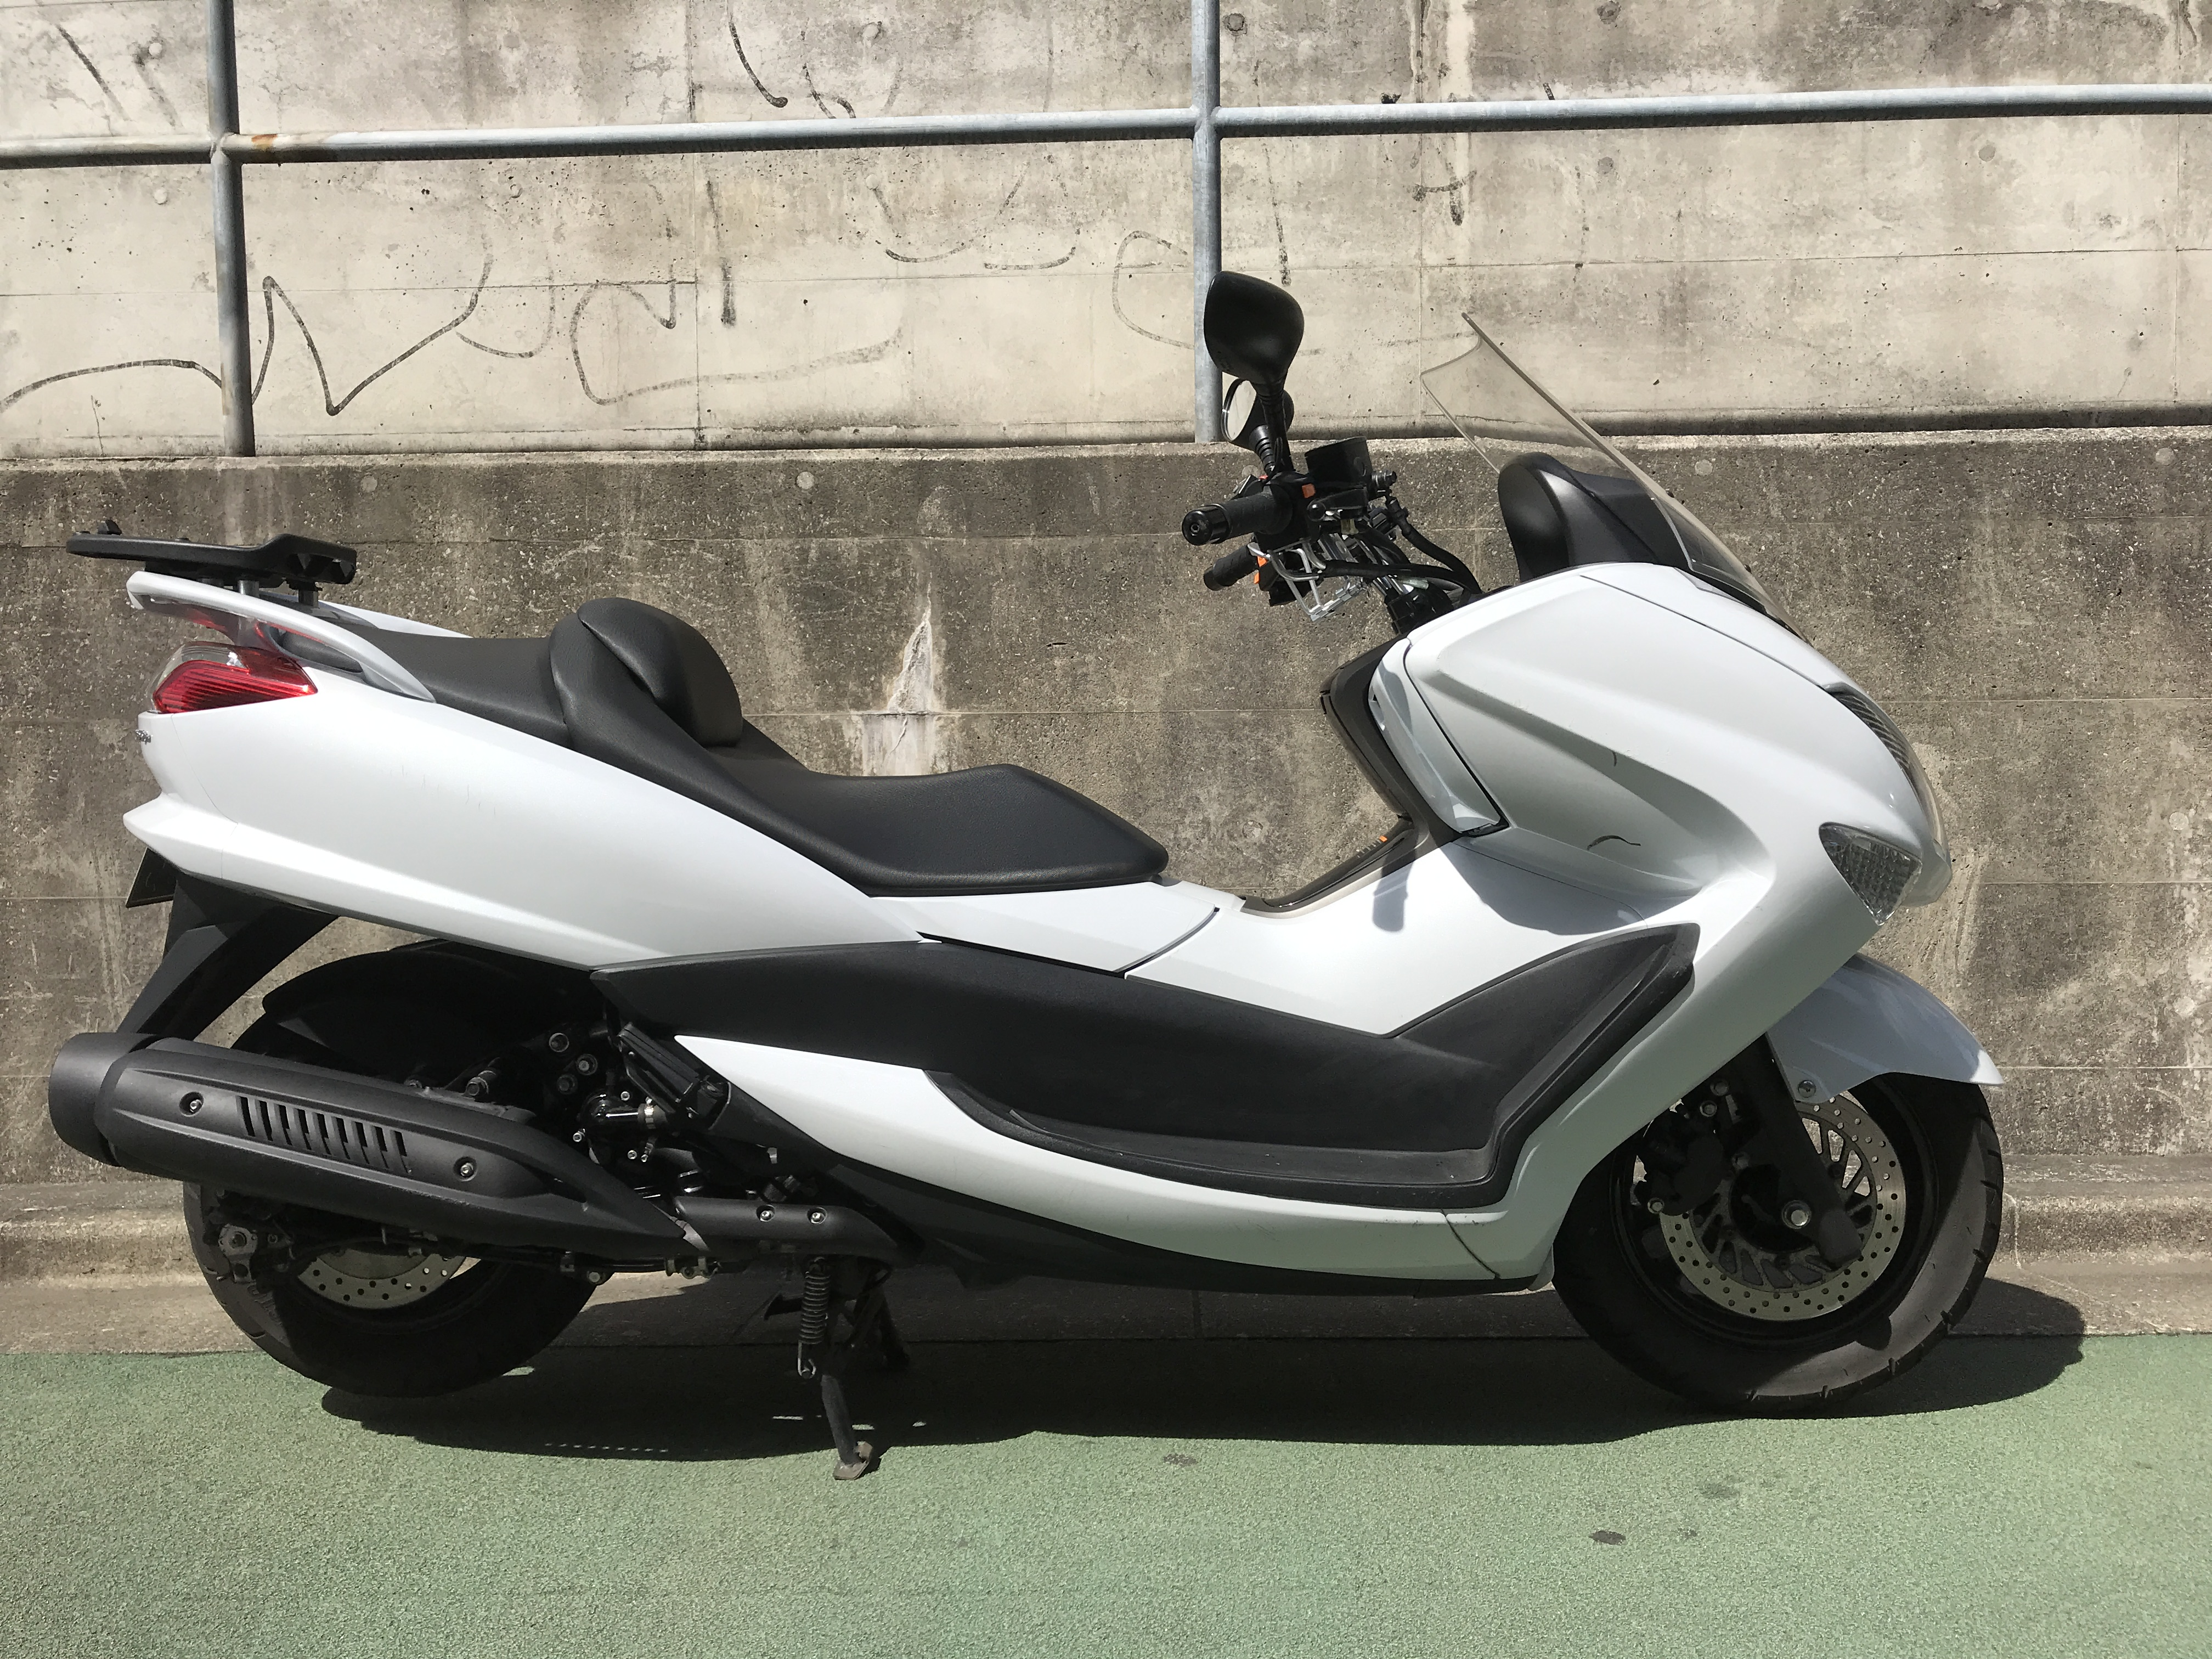 マジェスティ(SH-006) - 【公式】レンタルバイクのベストBike® 宇都宮駅前